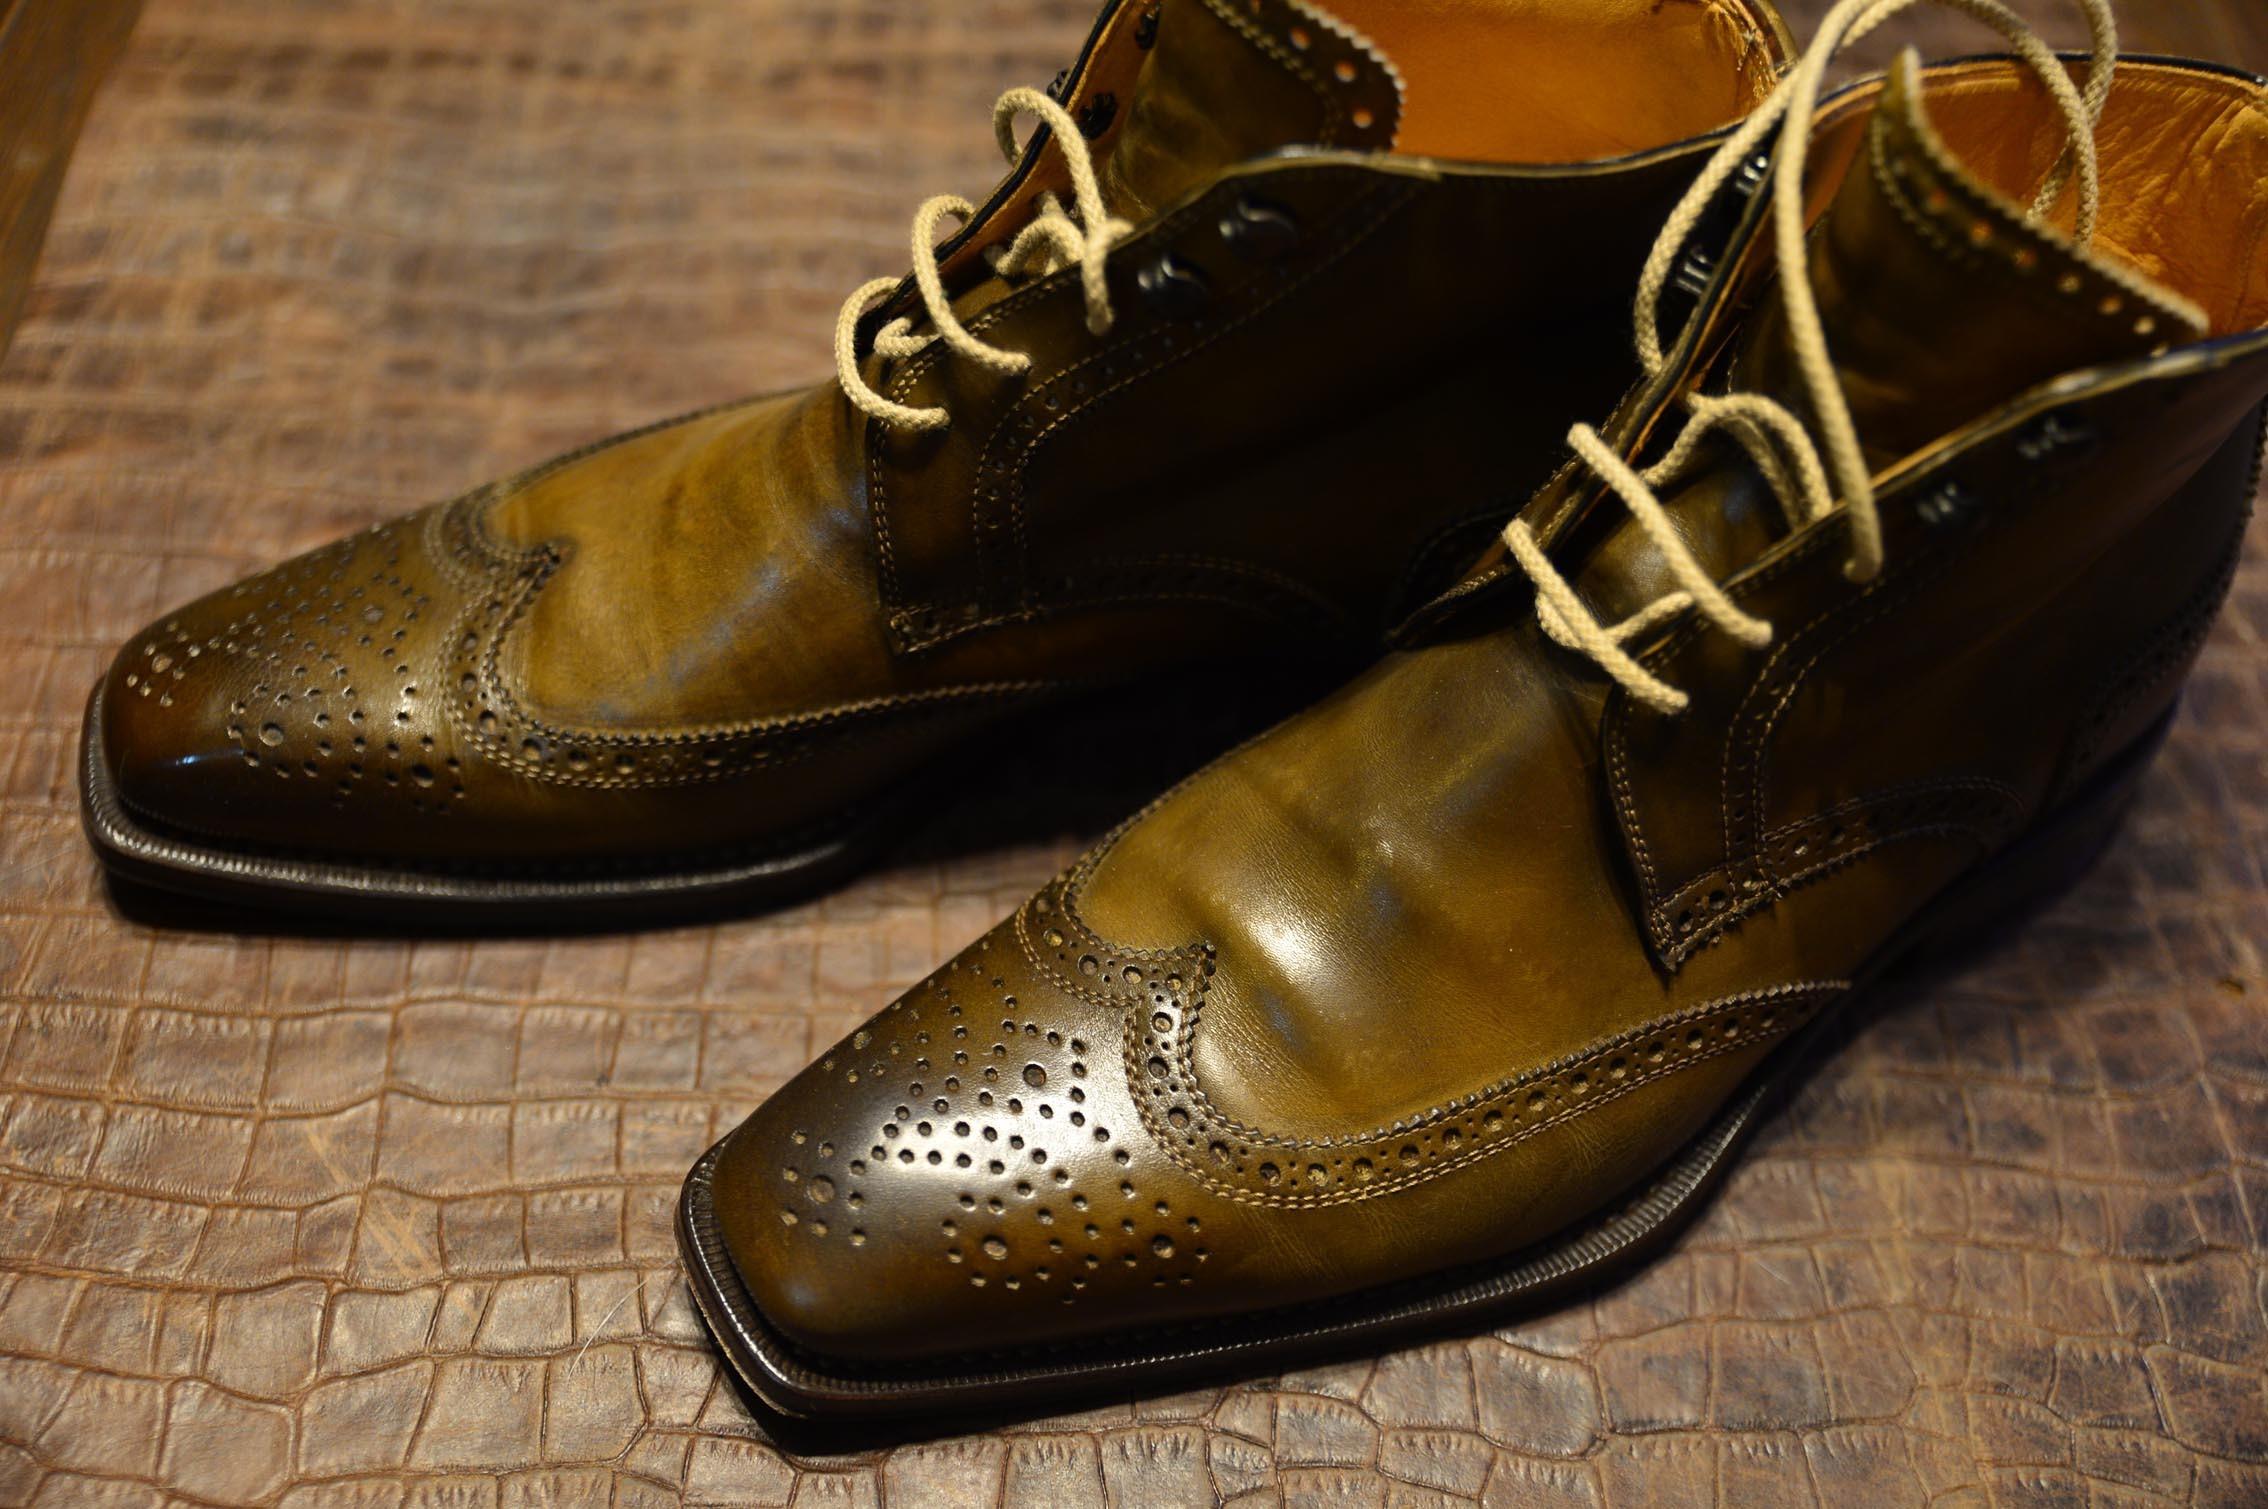 ブランキーニの靴2_b0310424_15043105.jpg